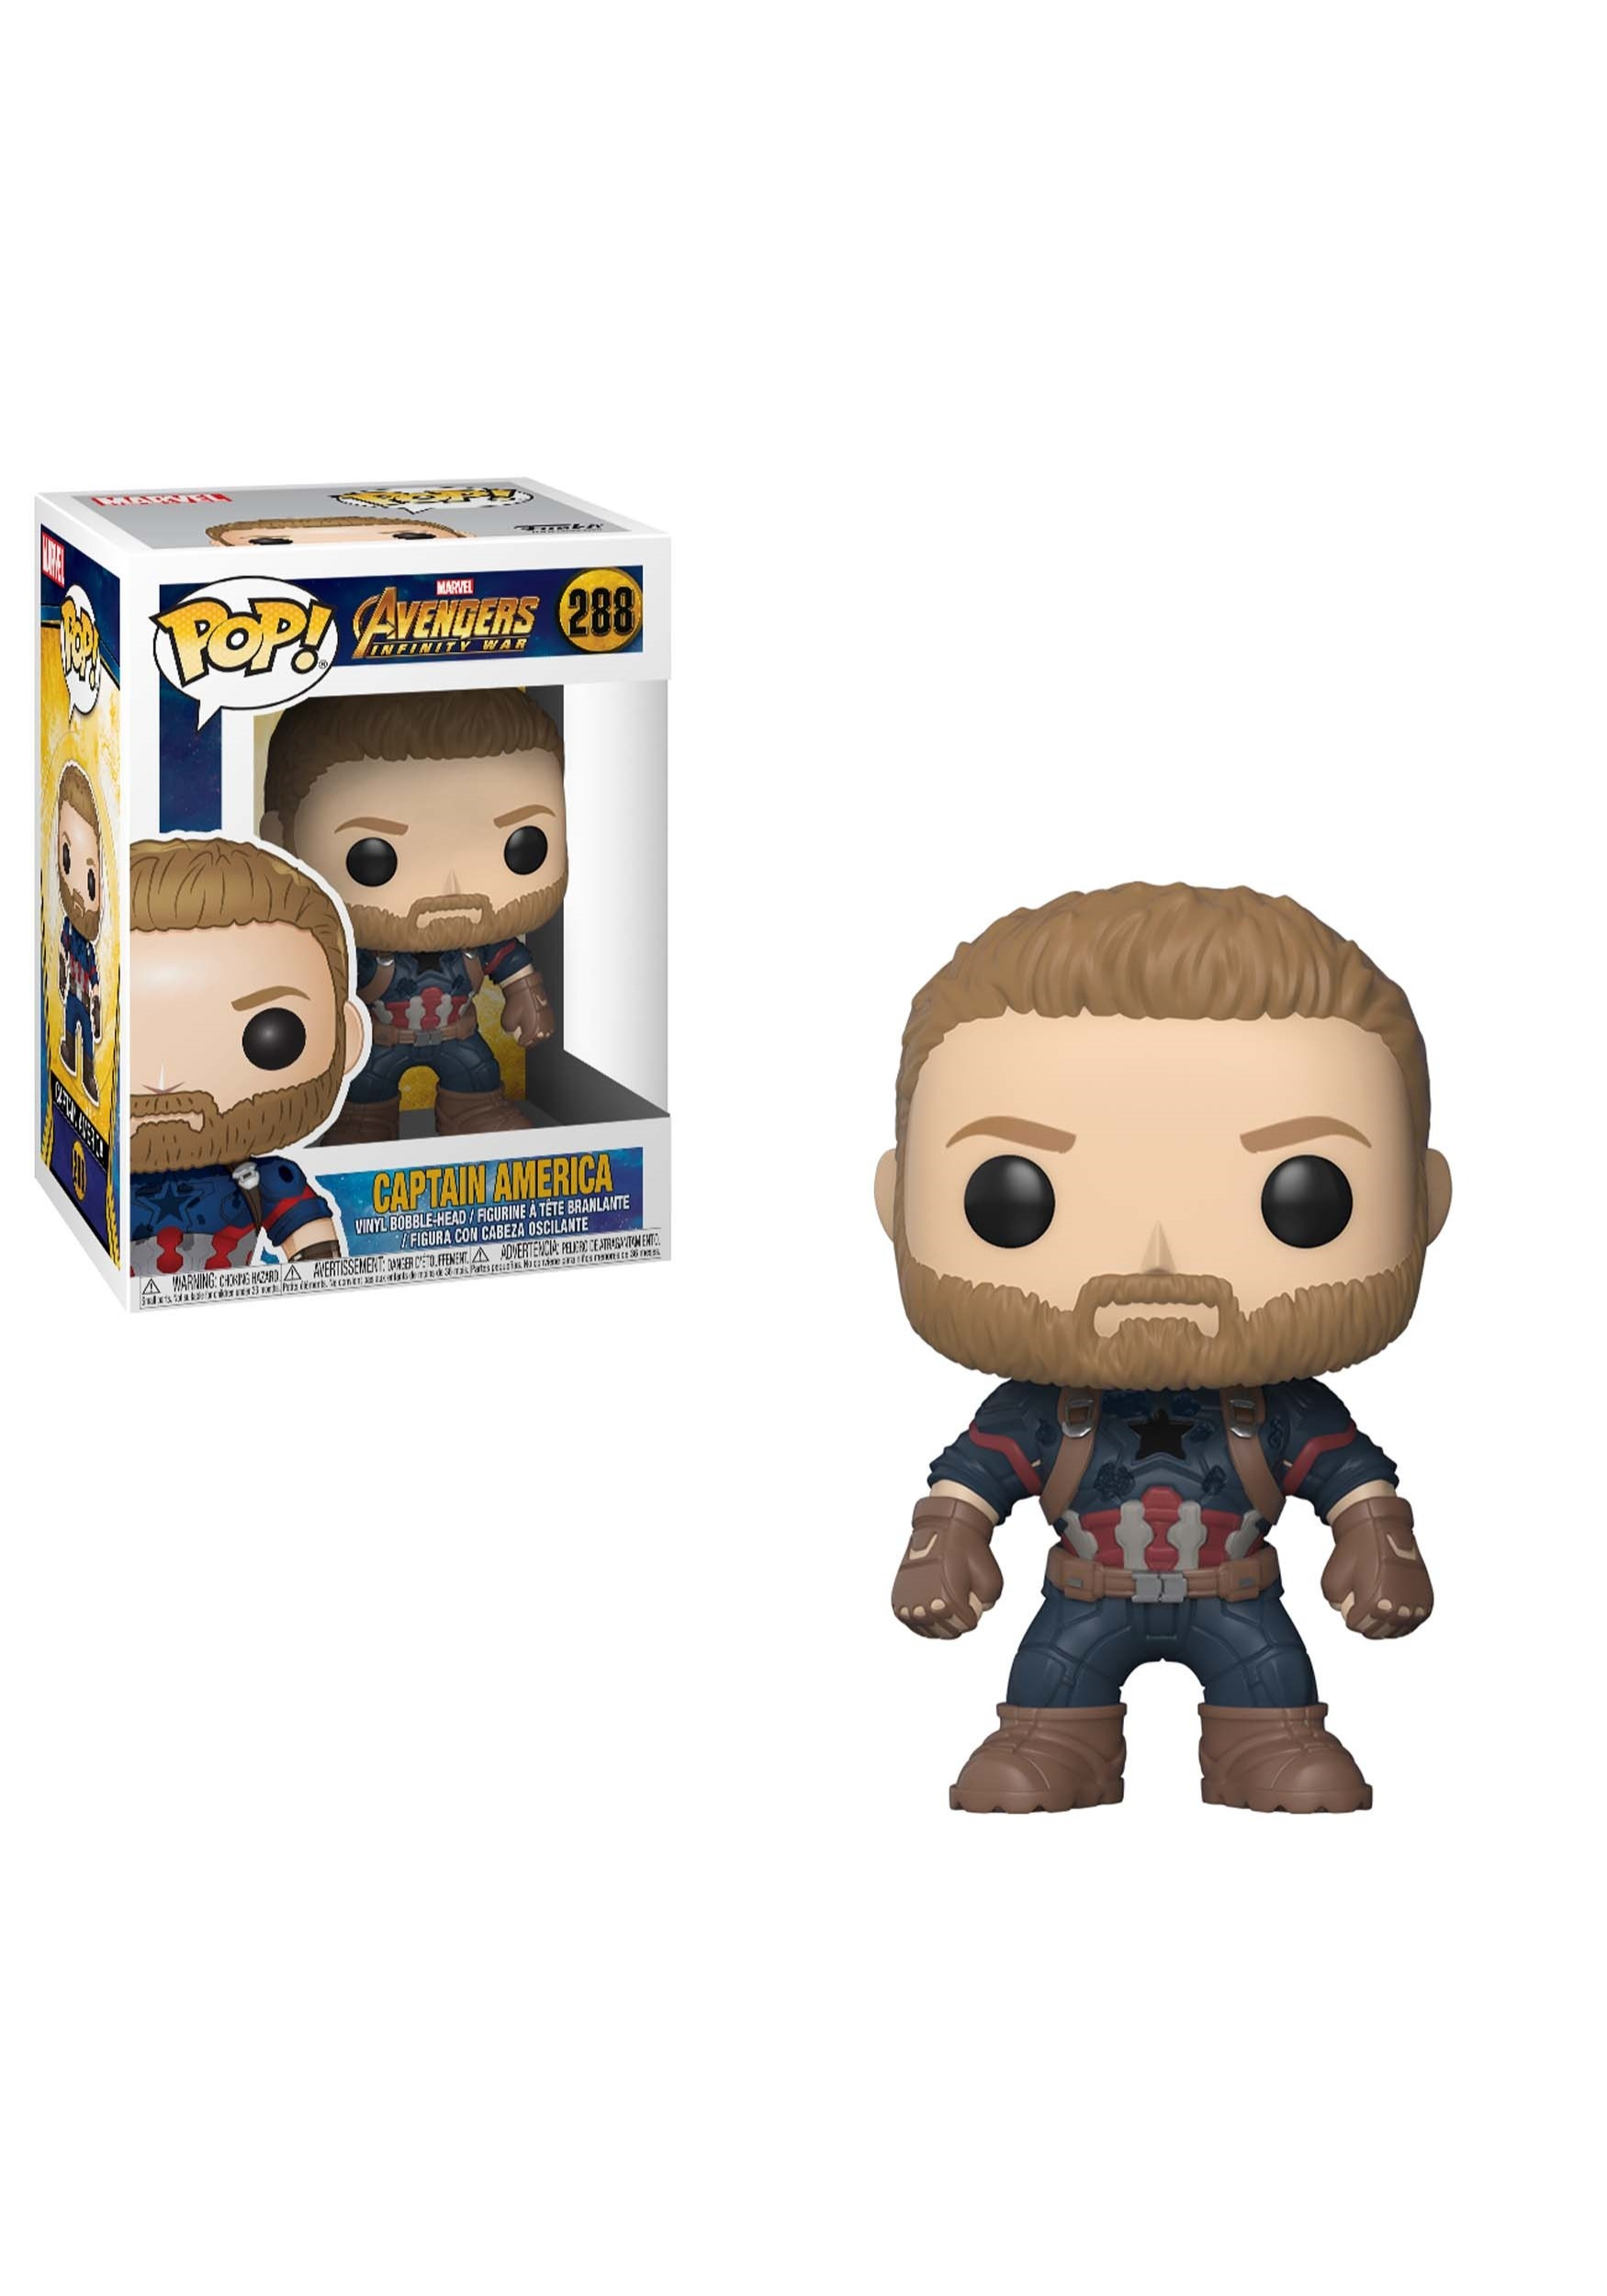 POP! Marvel: Avengers Infinity War Captain America Bobblehead Figure FN26466